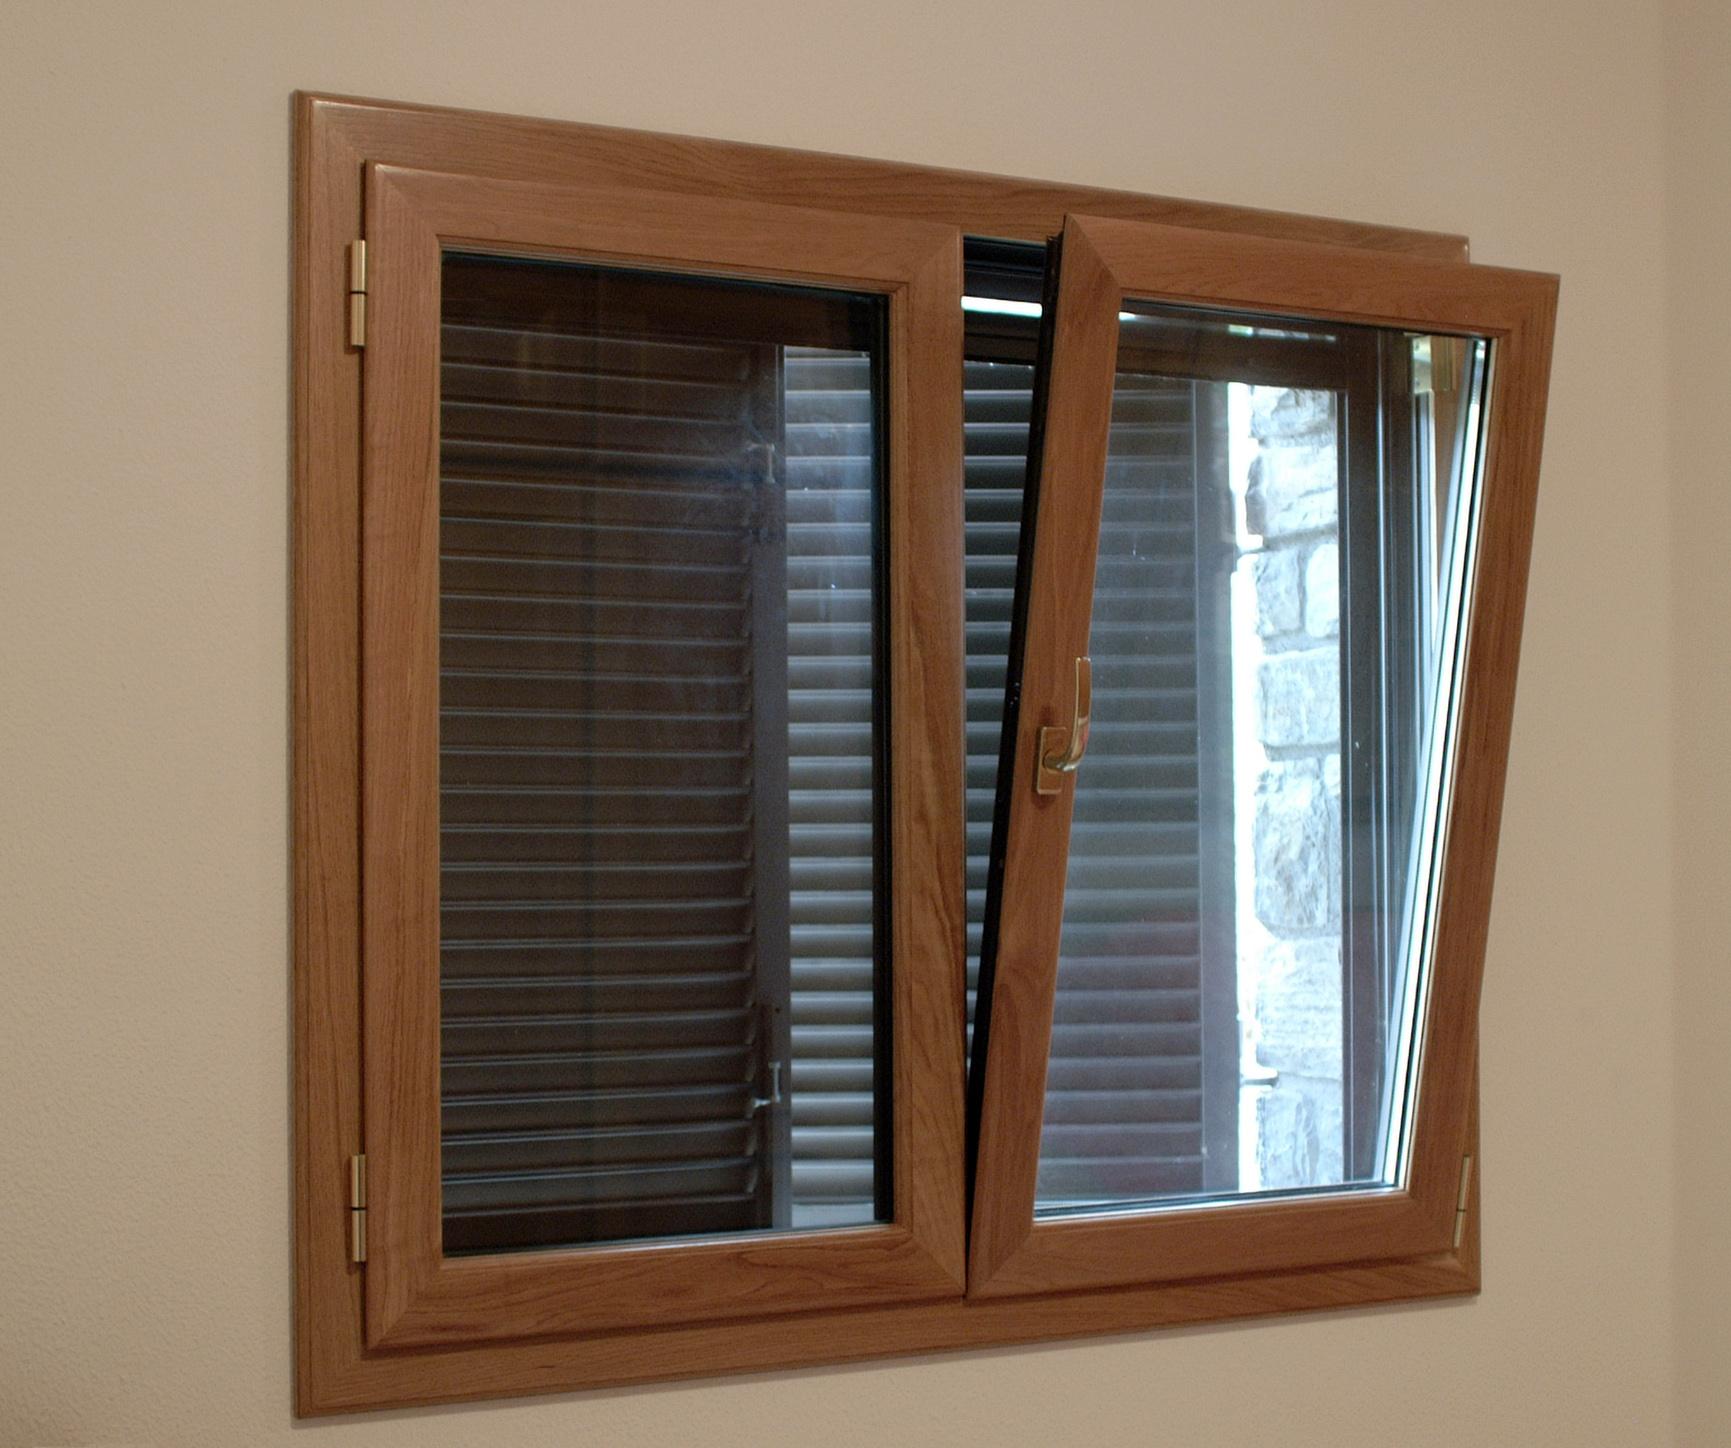 Ventanas de aluminio sabadell combinar aluminio y madera for Colores de aluminio para ventanas en mexico